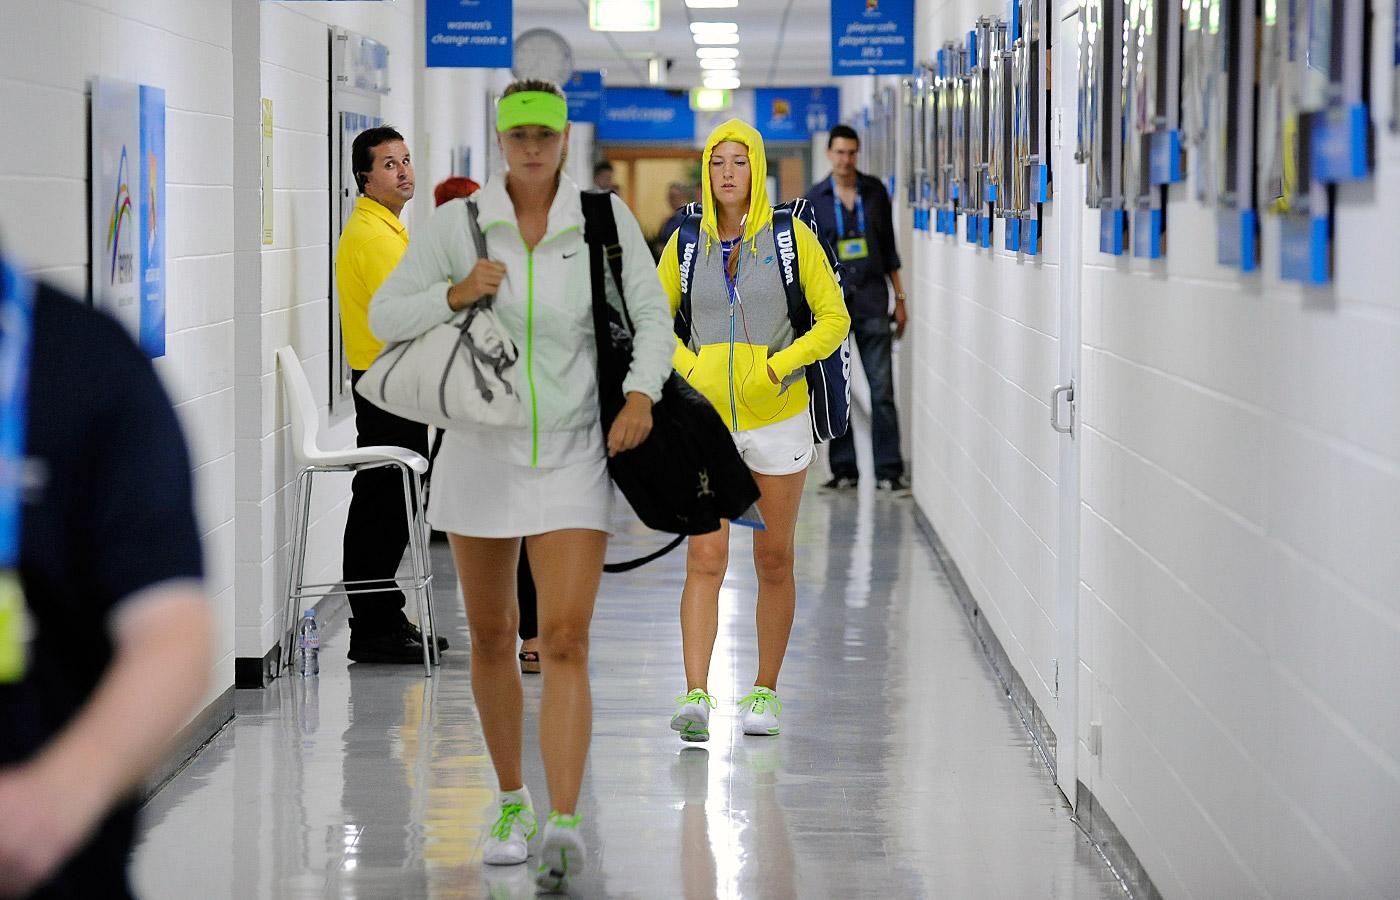 http://4.bp.blogspot.com/-CBGNQZiV_HE/TyZThjQKf2I/AAAAAAAAC6s/GXbnDXEomAg/s1600/Sharapova-Azarenka-Australian-Open-finals.jpg